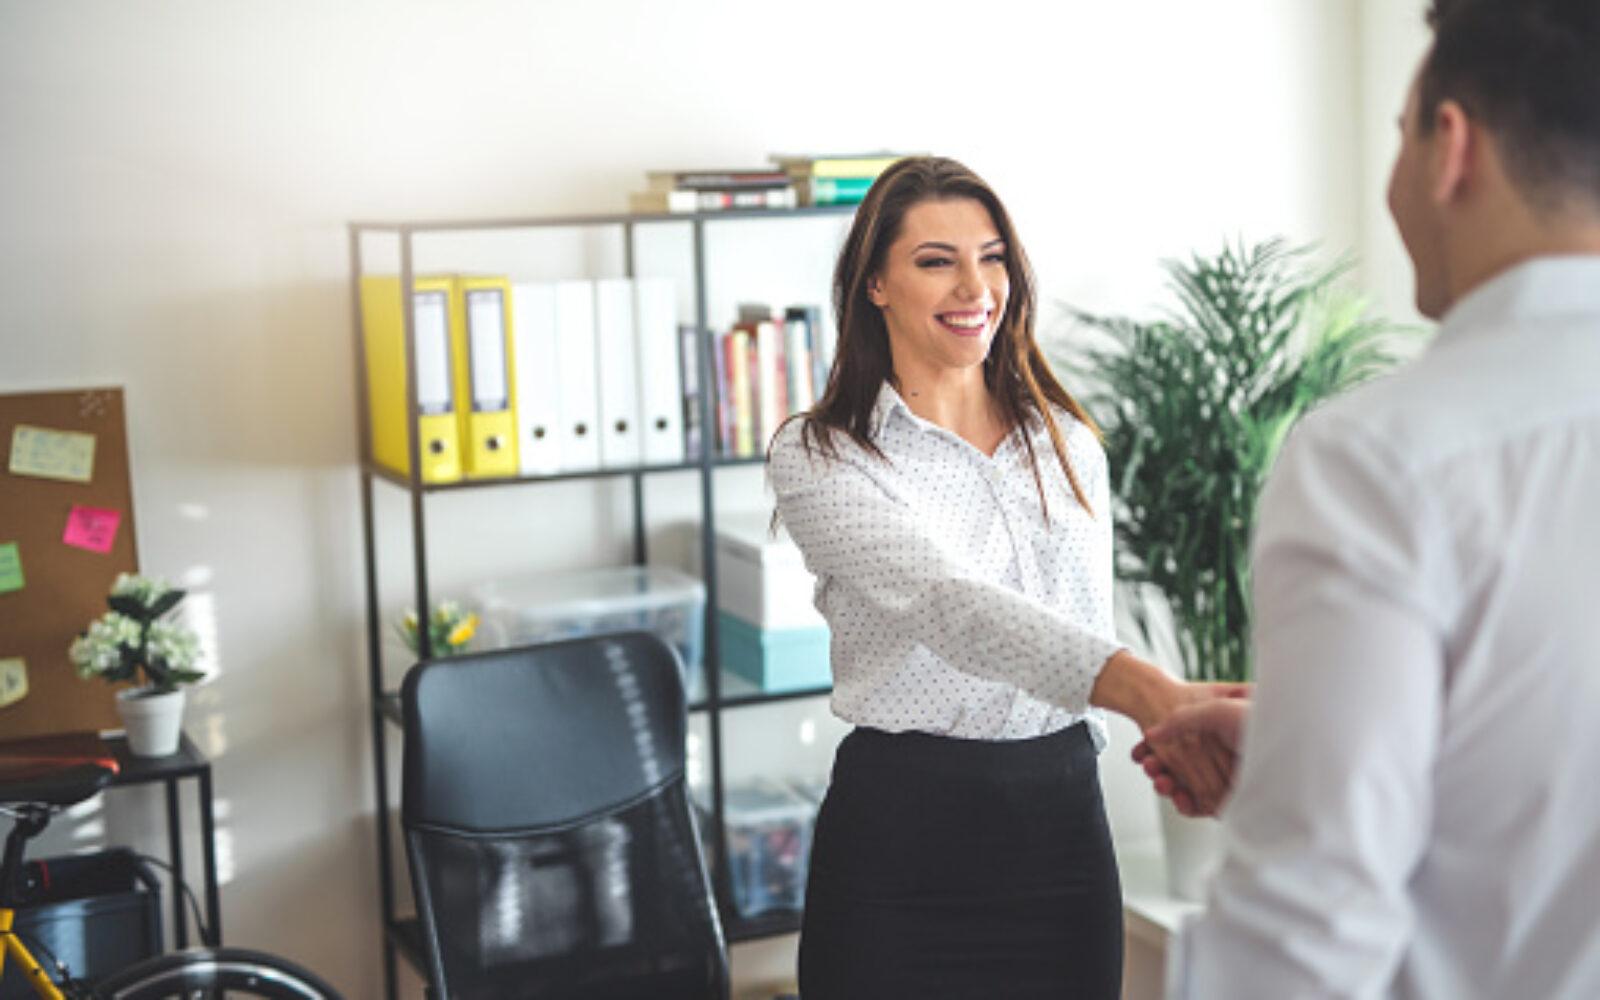 Donosimo deset najboljih ponuda za posao ovog tjedna